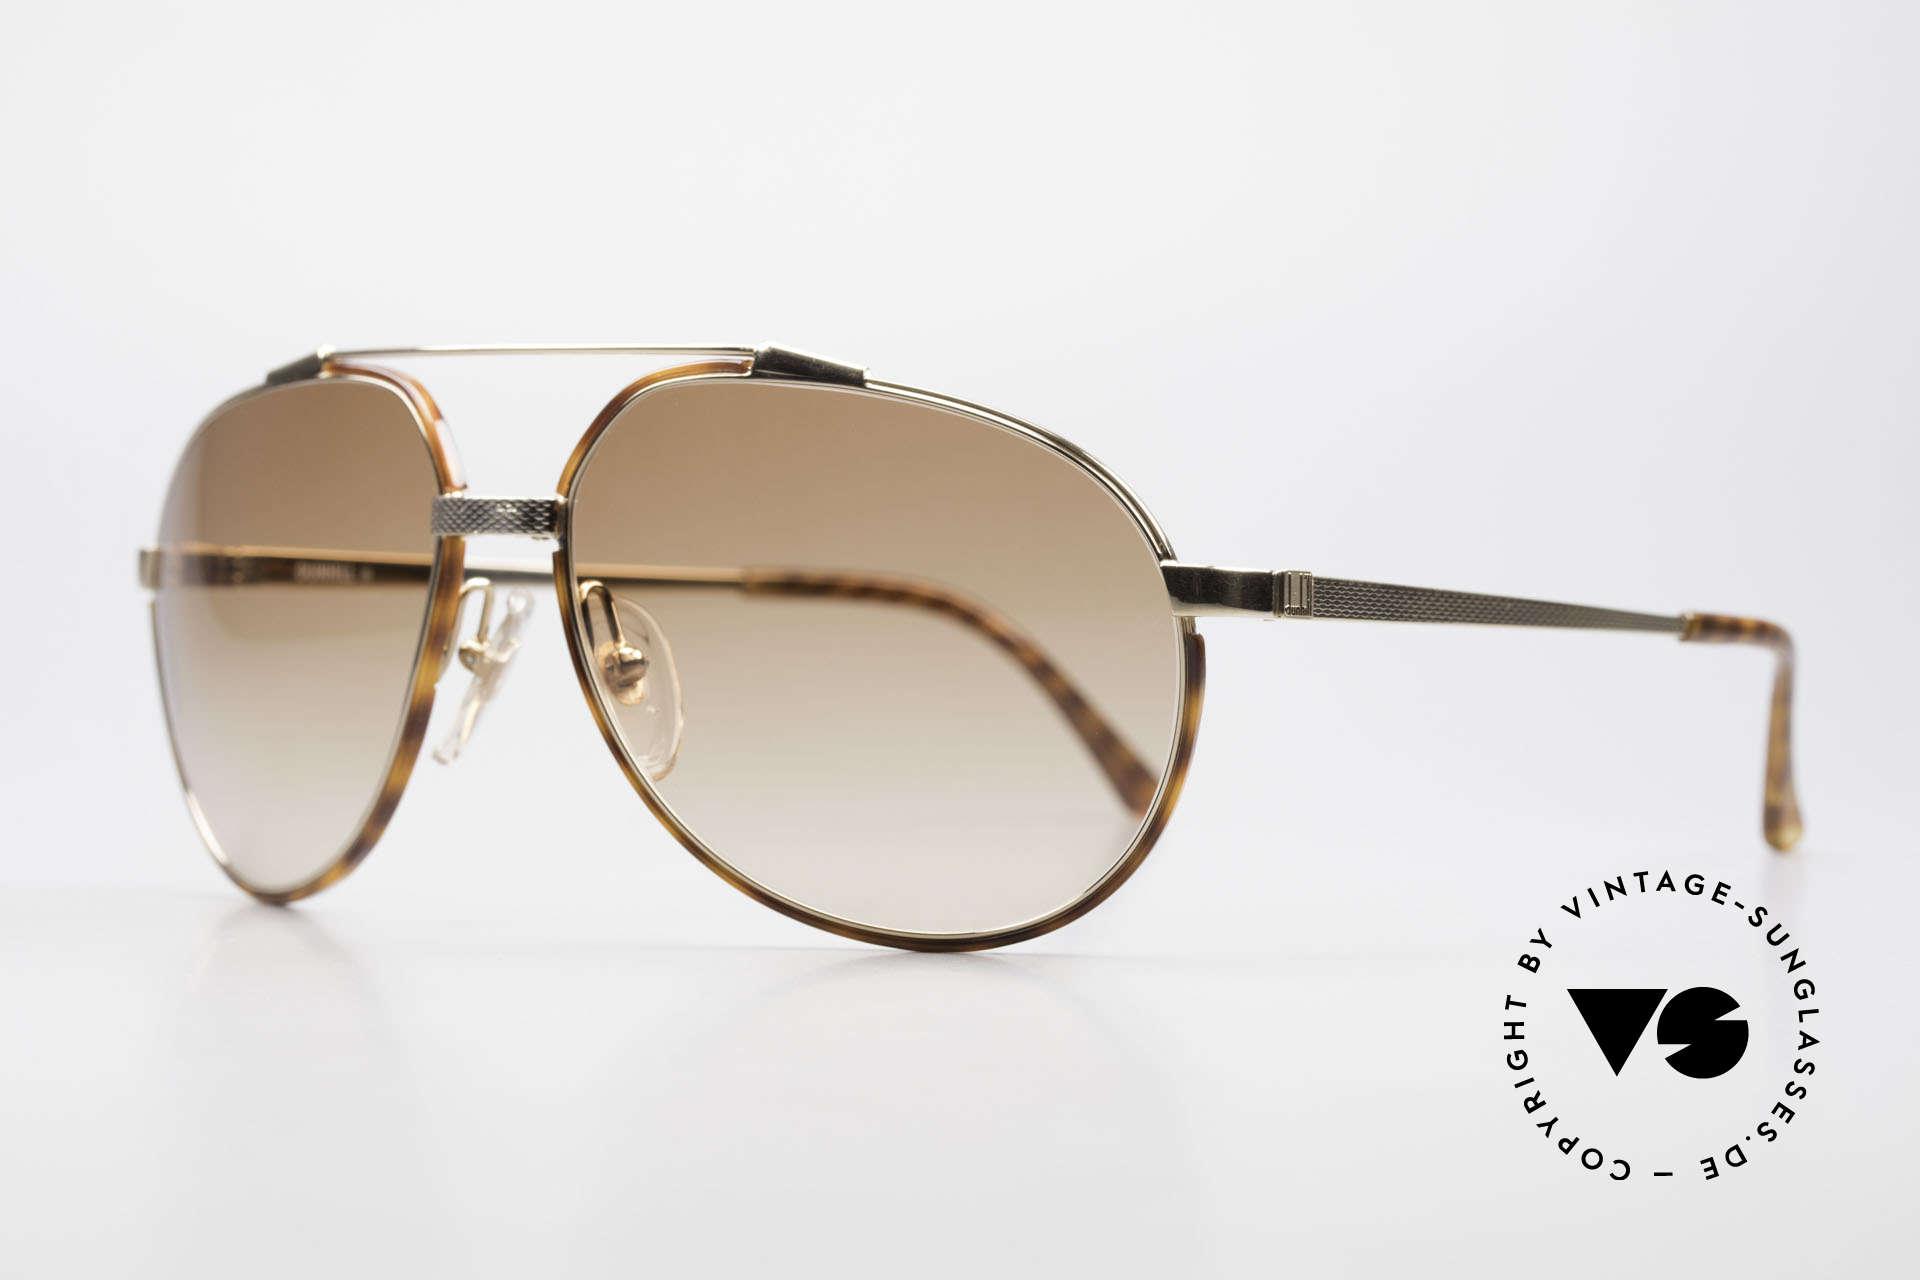 Dunhill 6174 Comfort Fit Luxus Brille 90er, vergoldet & Barley Verfahren (winzige Facetten), Passend für Herren